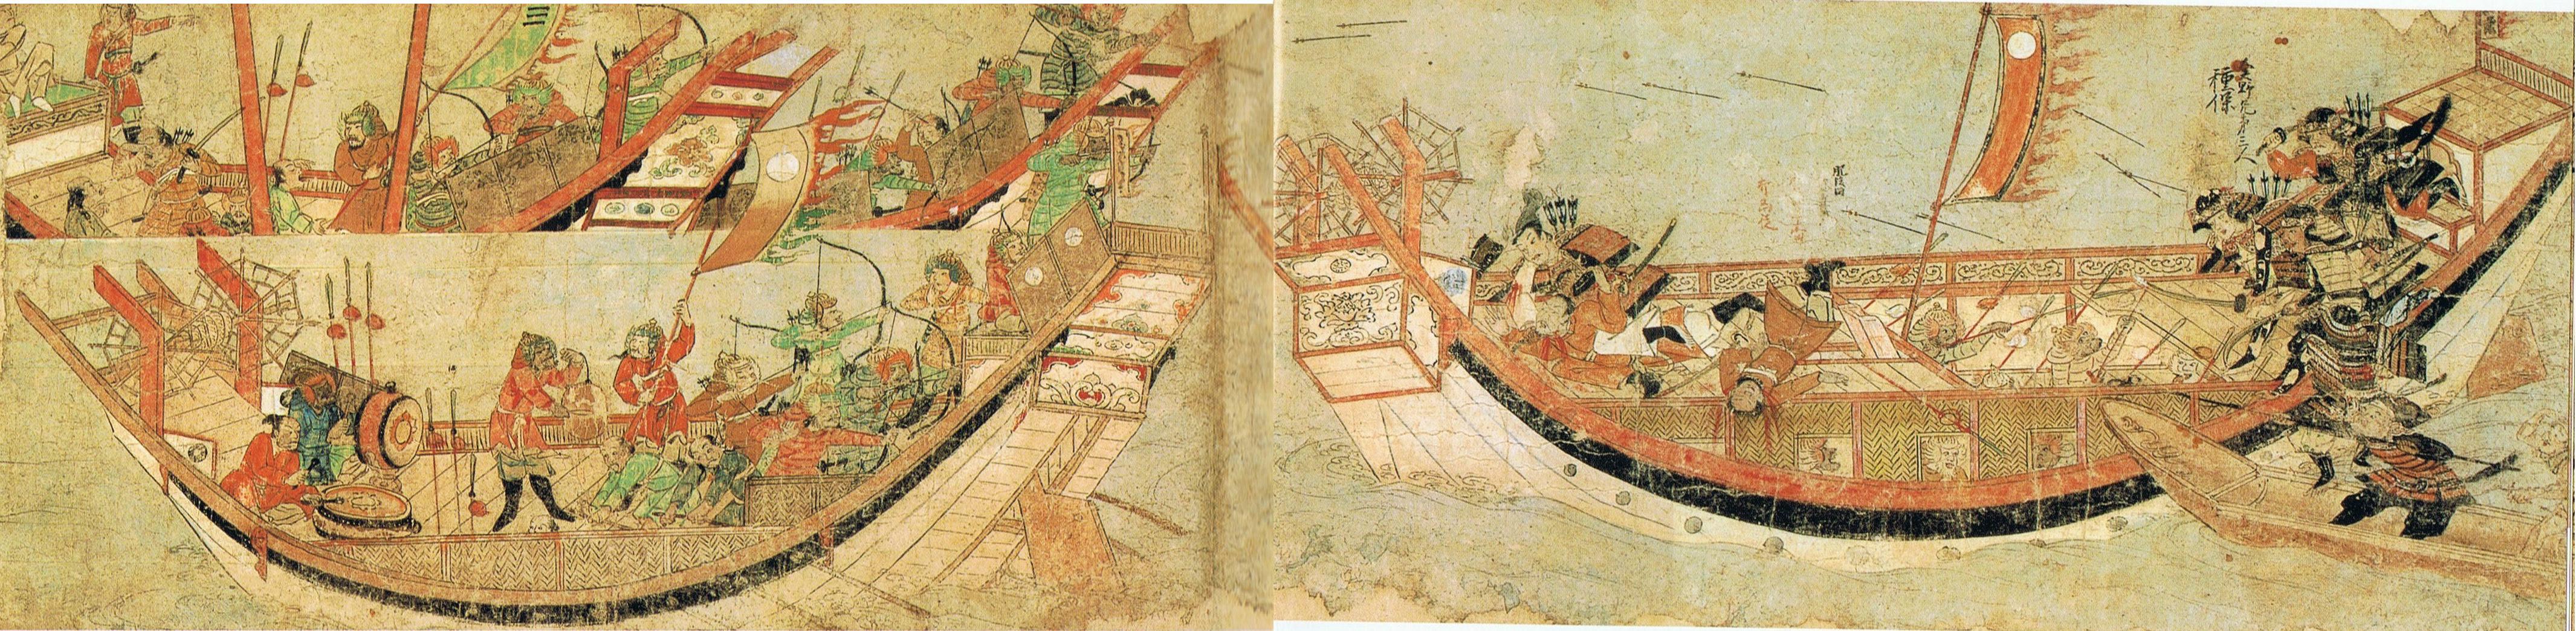 Japanese samurai boarding Yuan ships in 1281 (Wikimedia Commons)